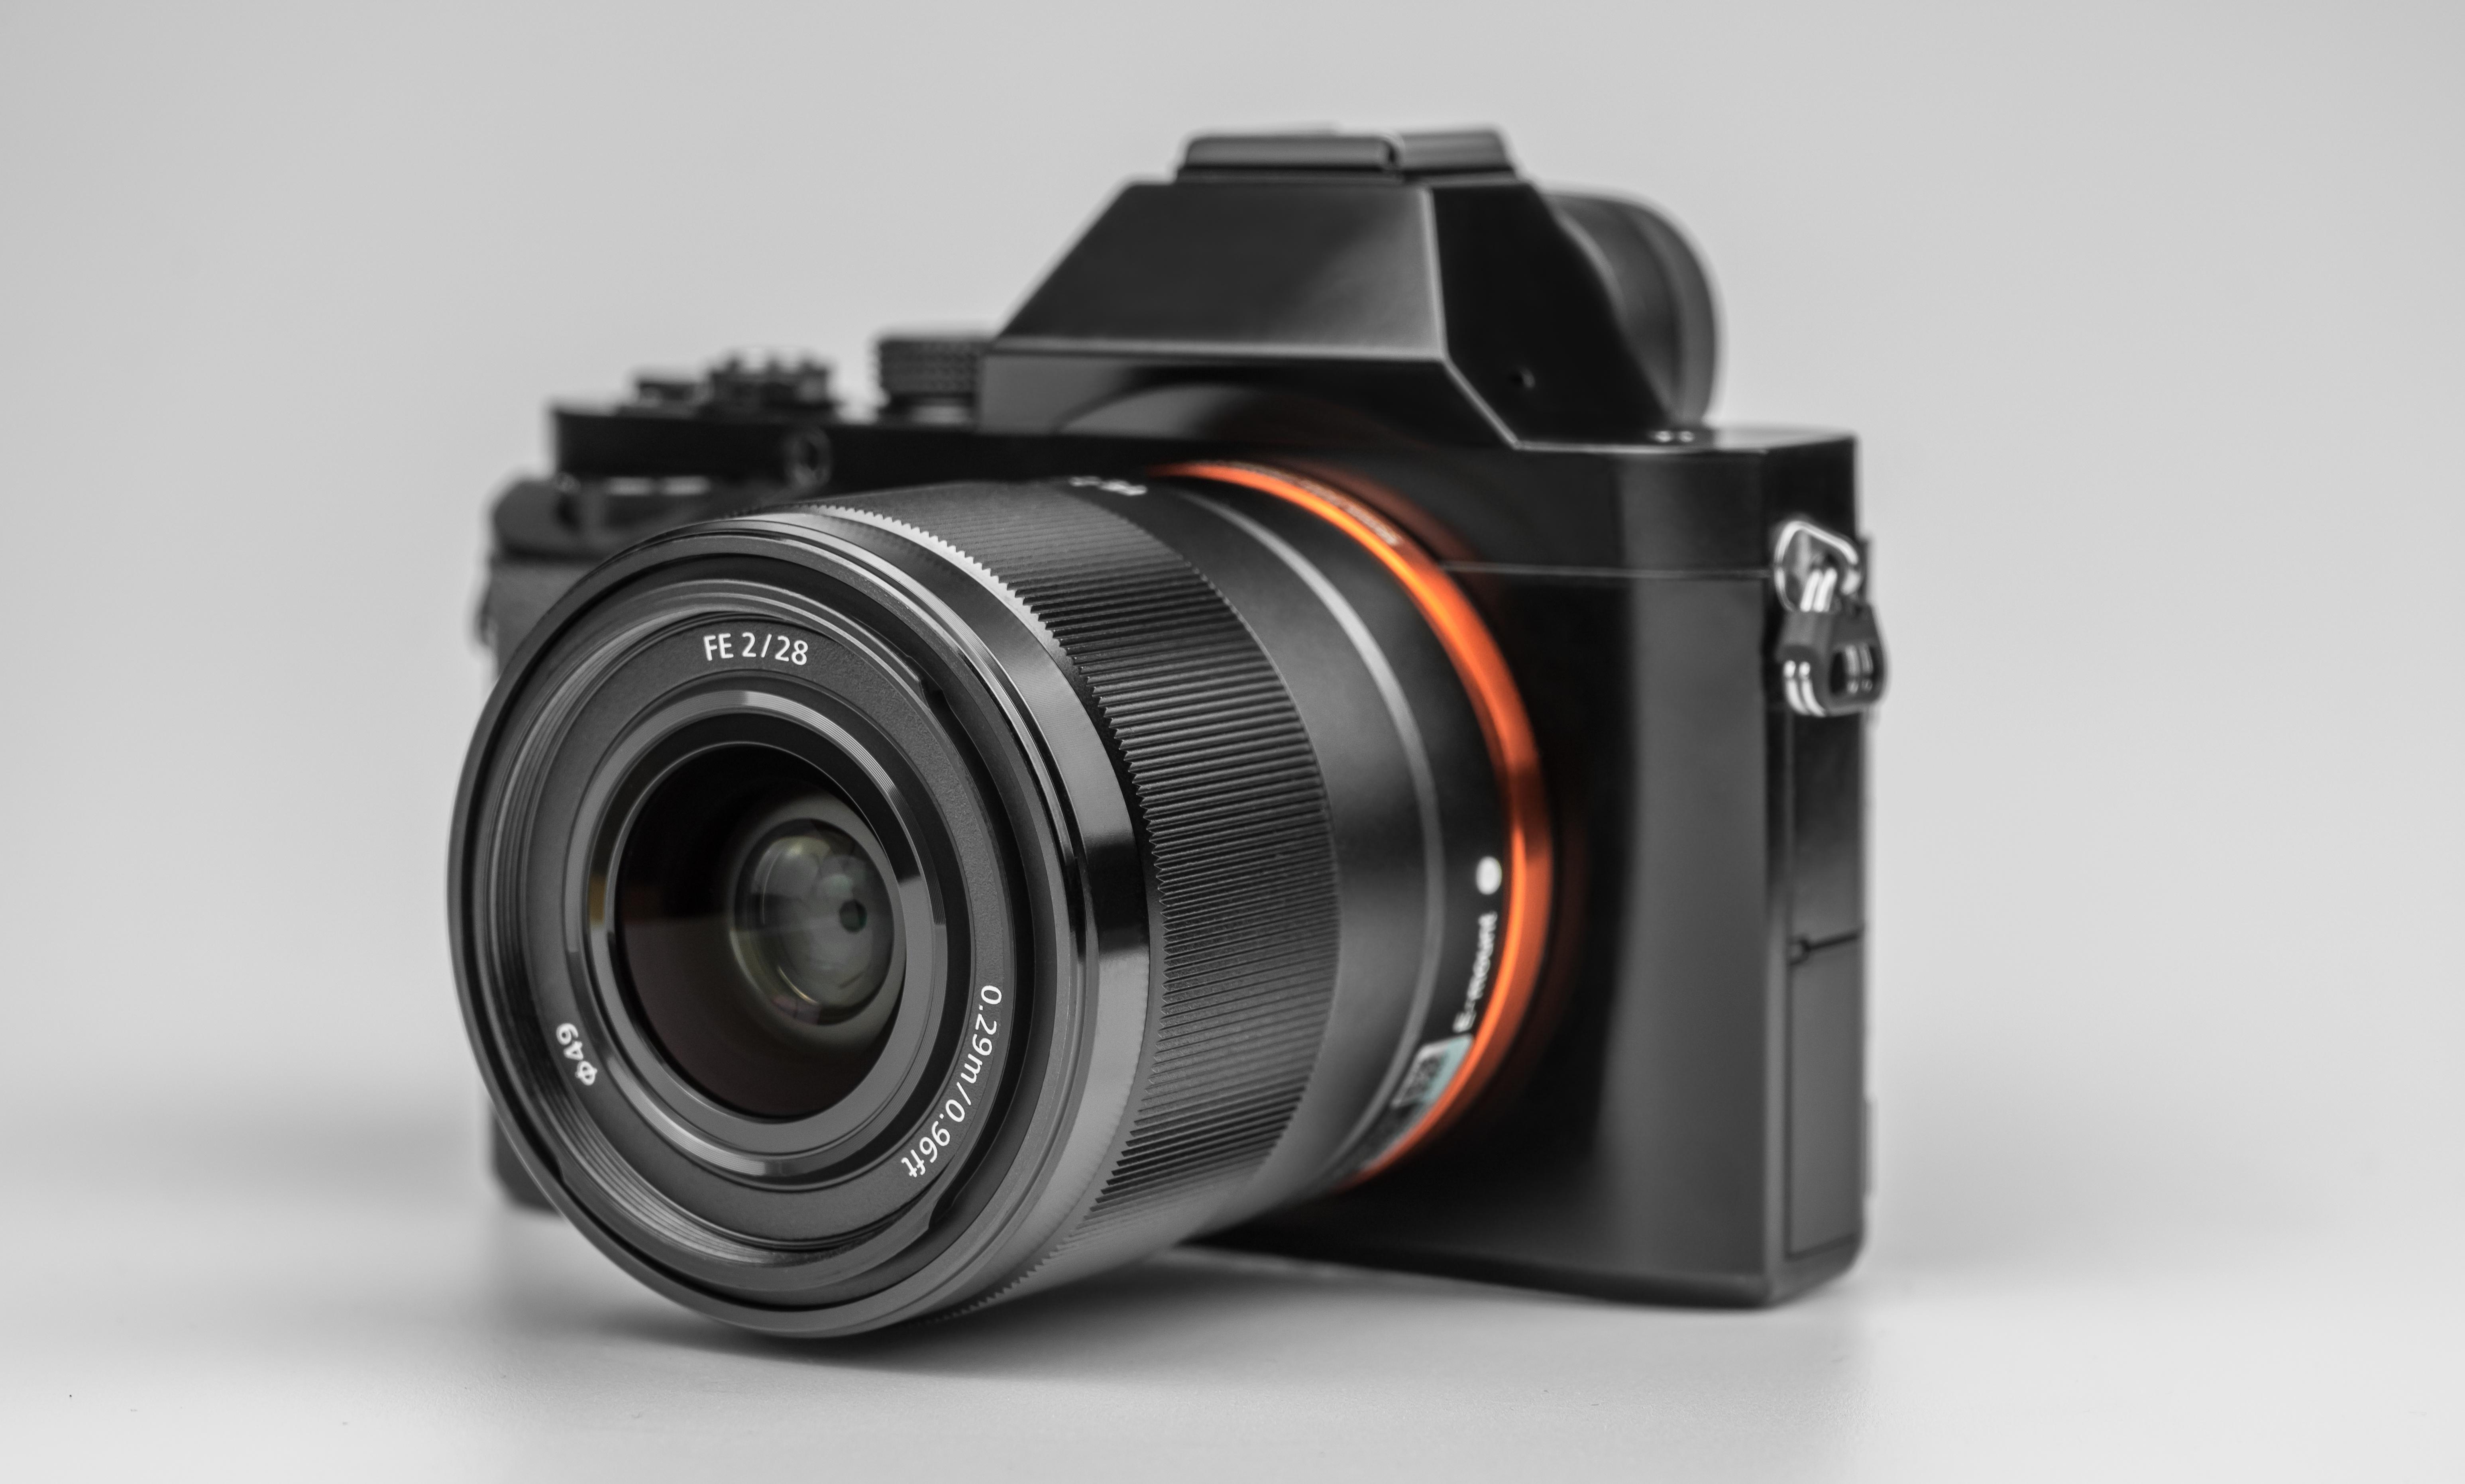 Kameratyp: Systemkamera